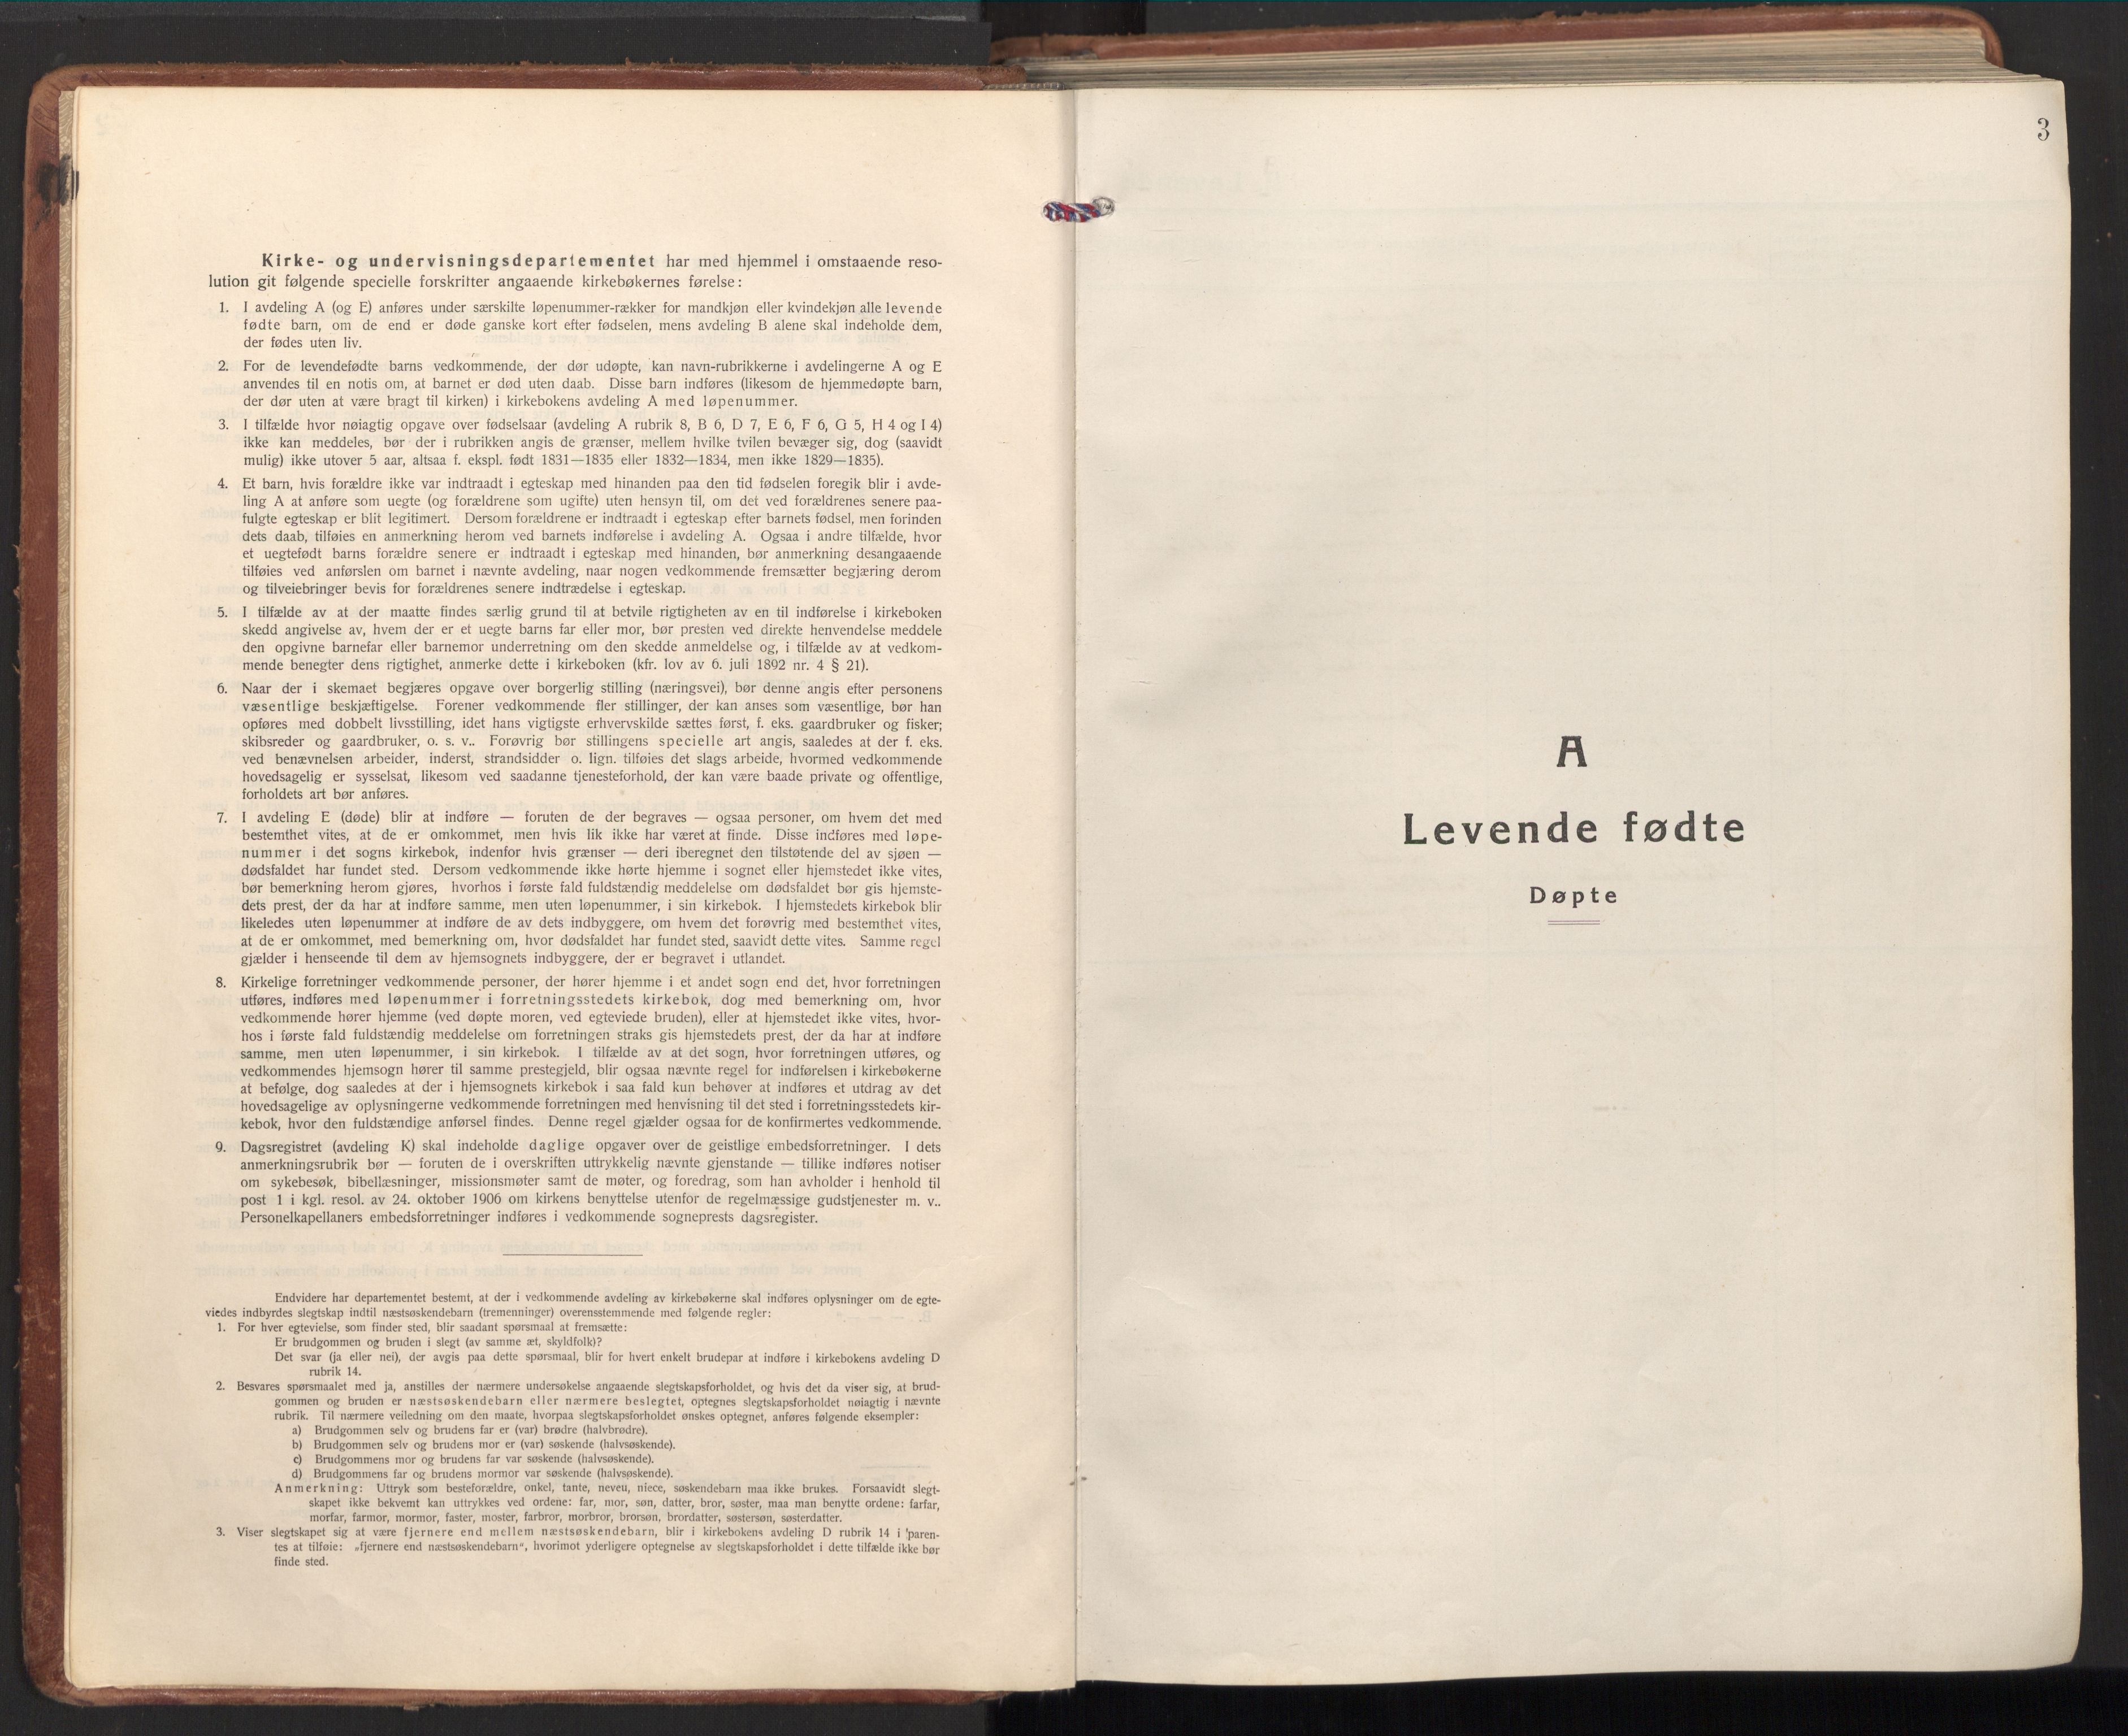 SAT, Ministerialprotokoller, klokkerbøker og fødselsregistre - Nord-Trøndelag, 784/L0678: Ministerialbok nr. 784A13, 1921-1938, s. 3